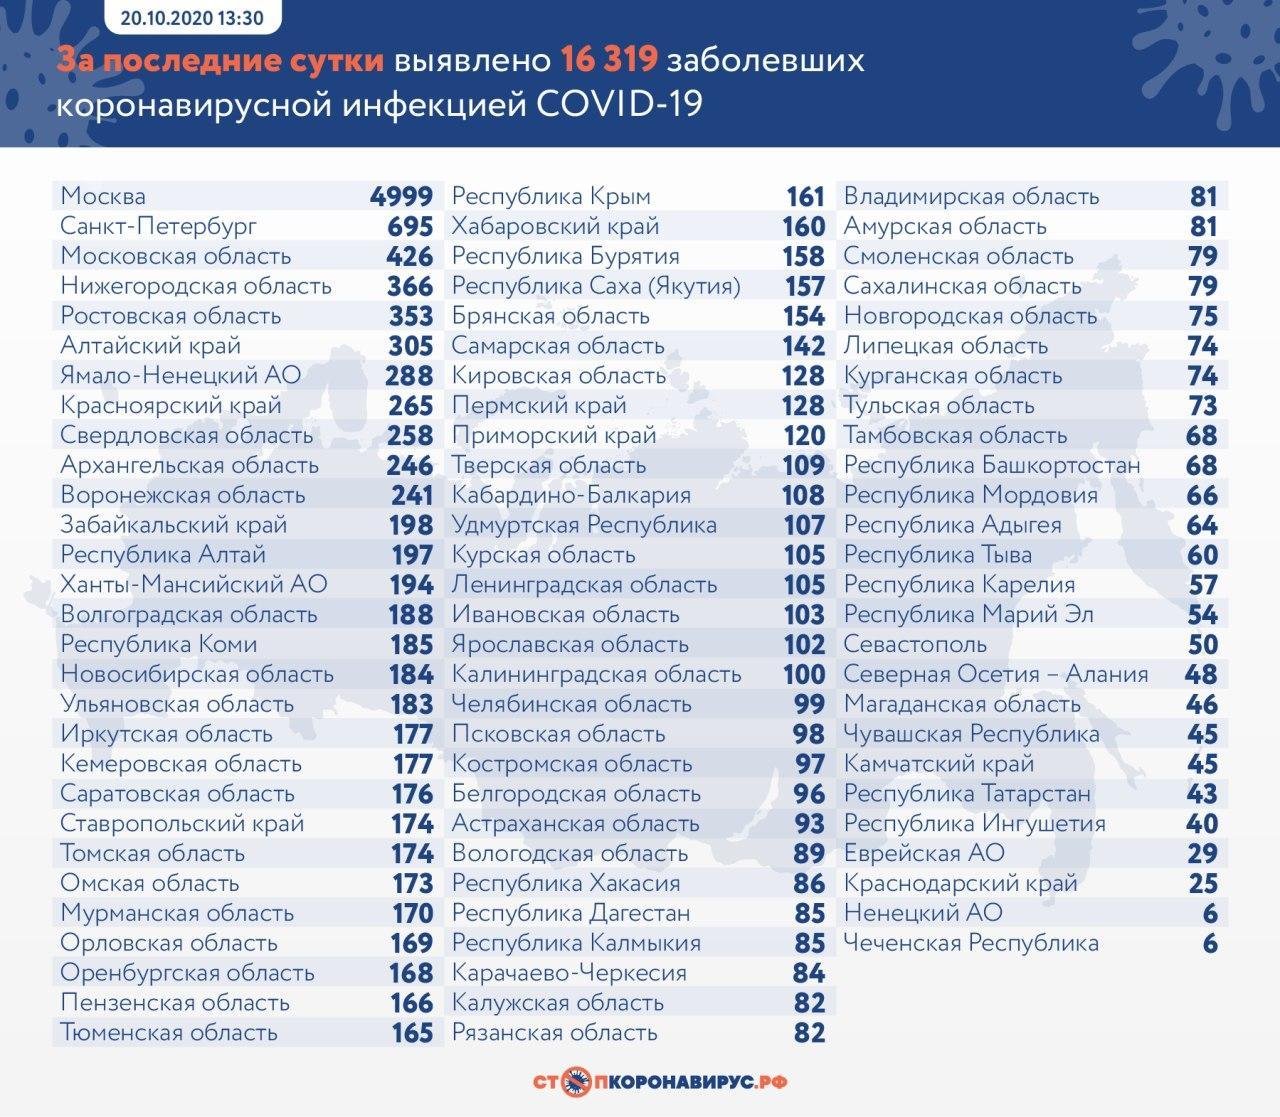 Число заболевших коронавирусом за сутки в России превысило 16 тысяч